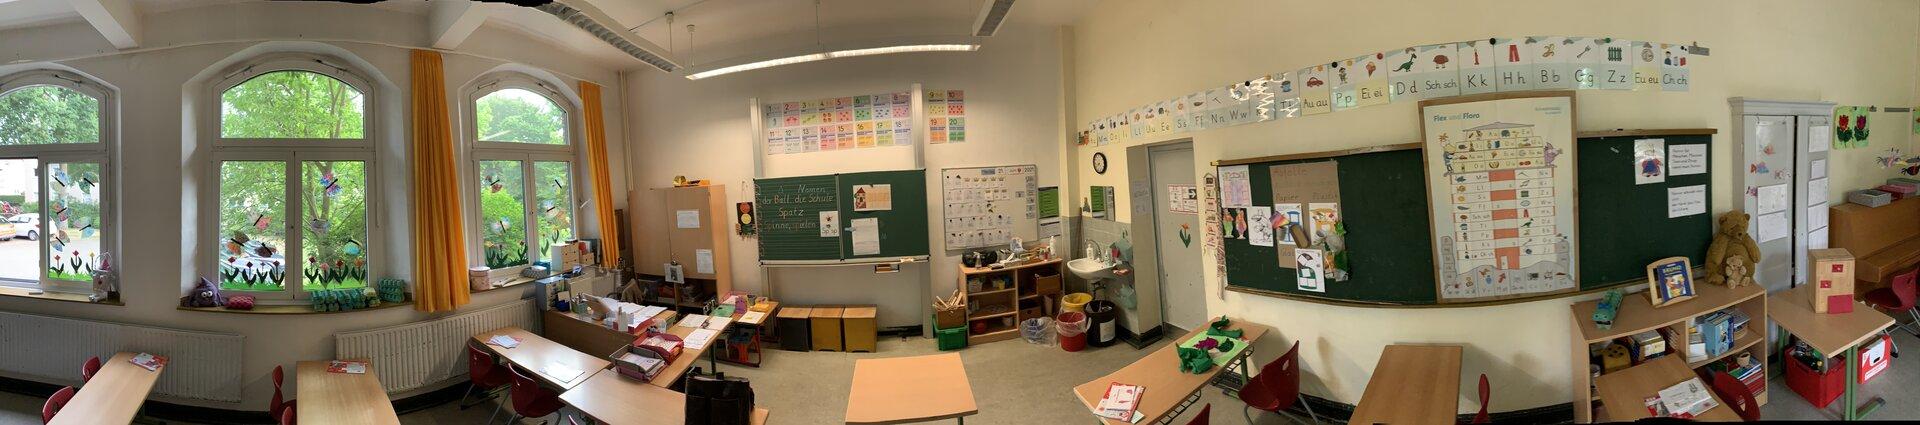 Der Klassenraum eines 1. Schuljahres von vorn